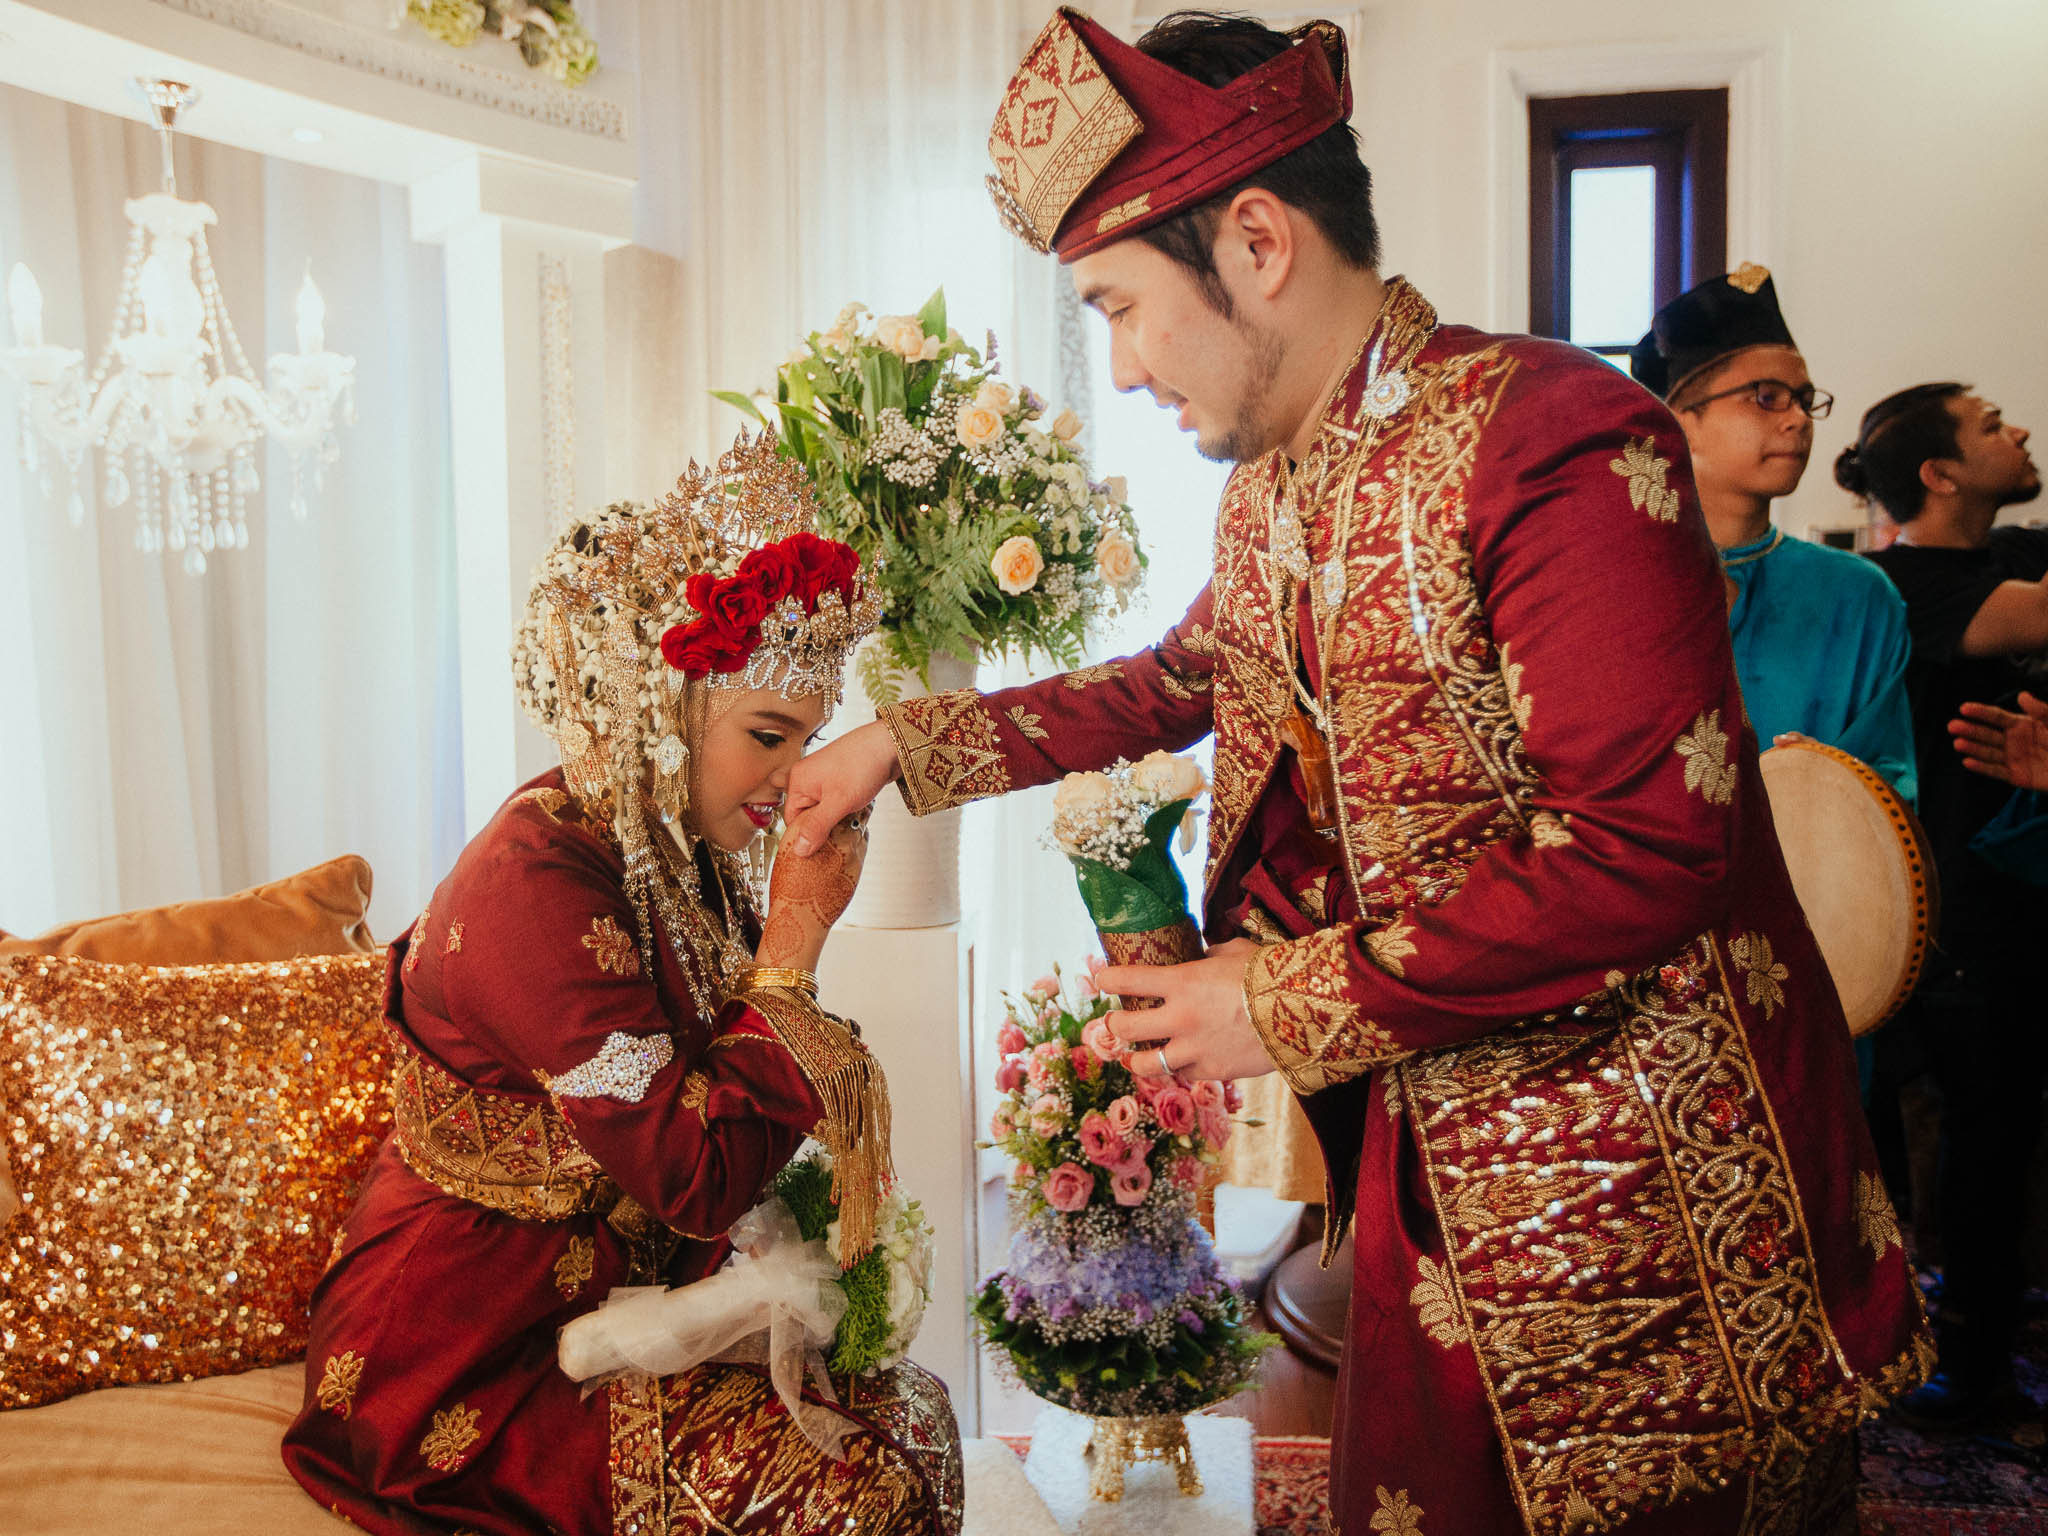 singapore-wedding-photographer-travel-wemadethese-atara-hafizah-52.jpg